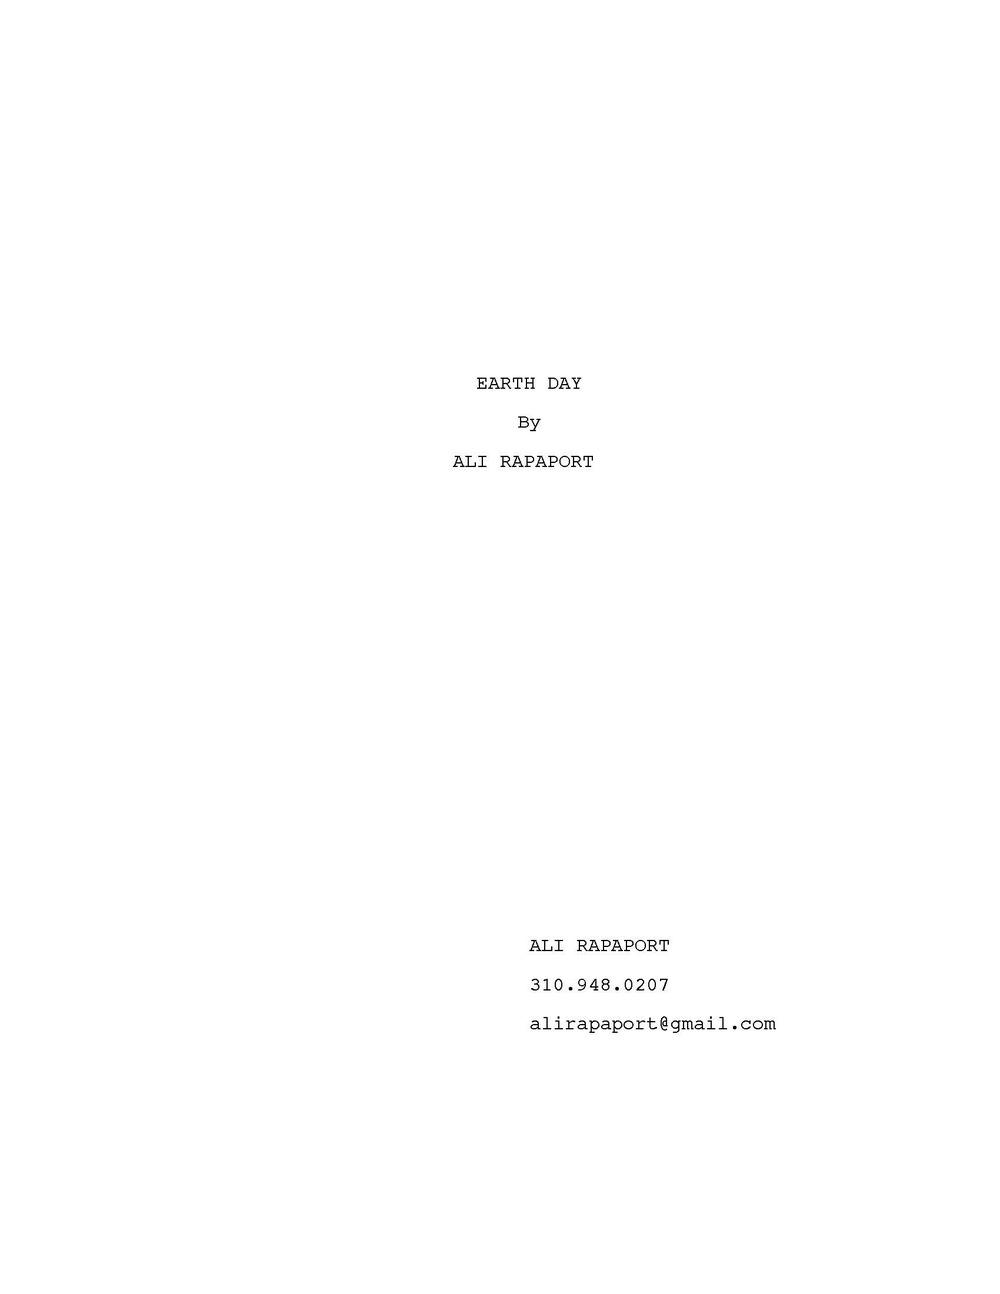 work_scripts_earthday_Page_1.jpg